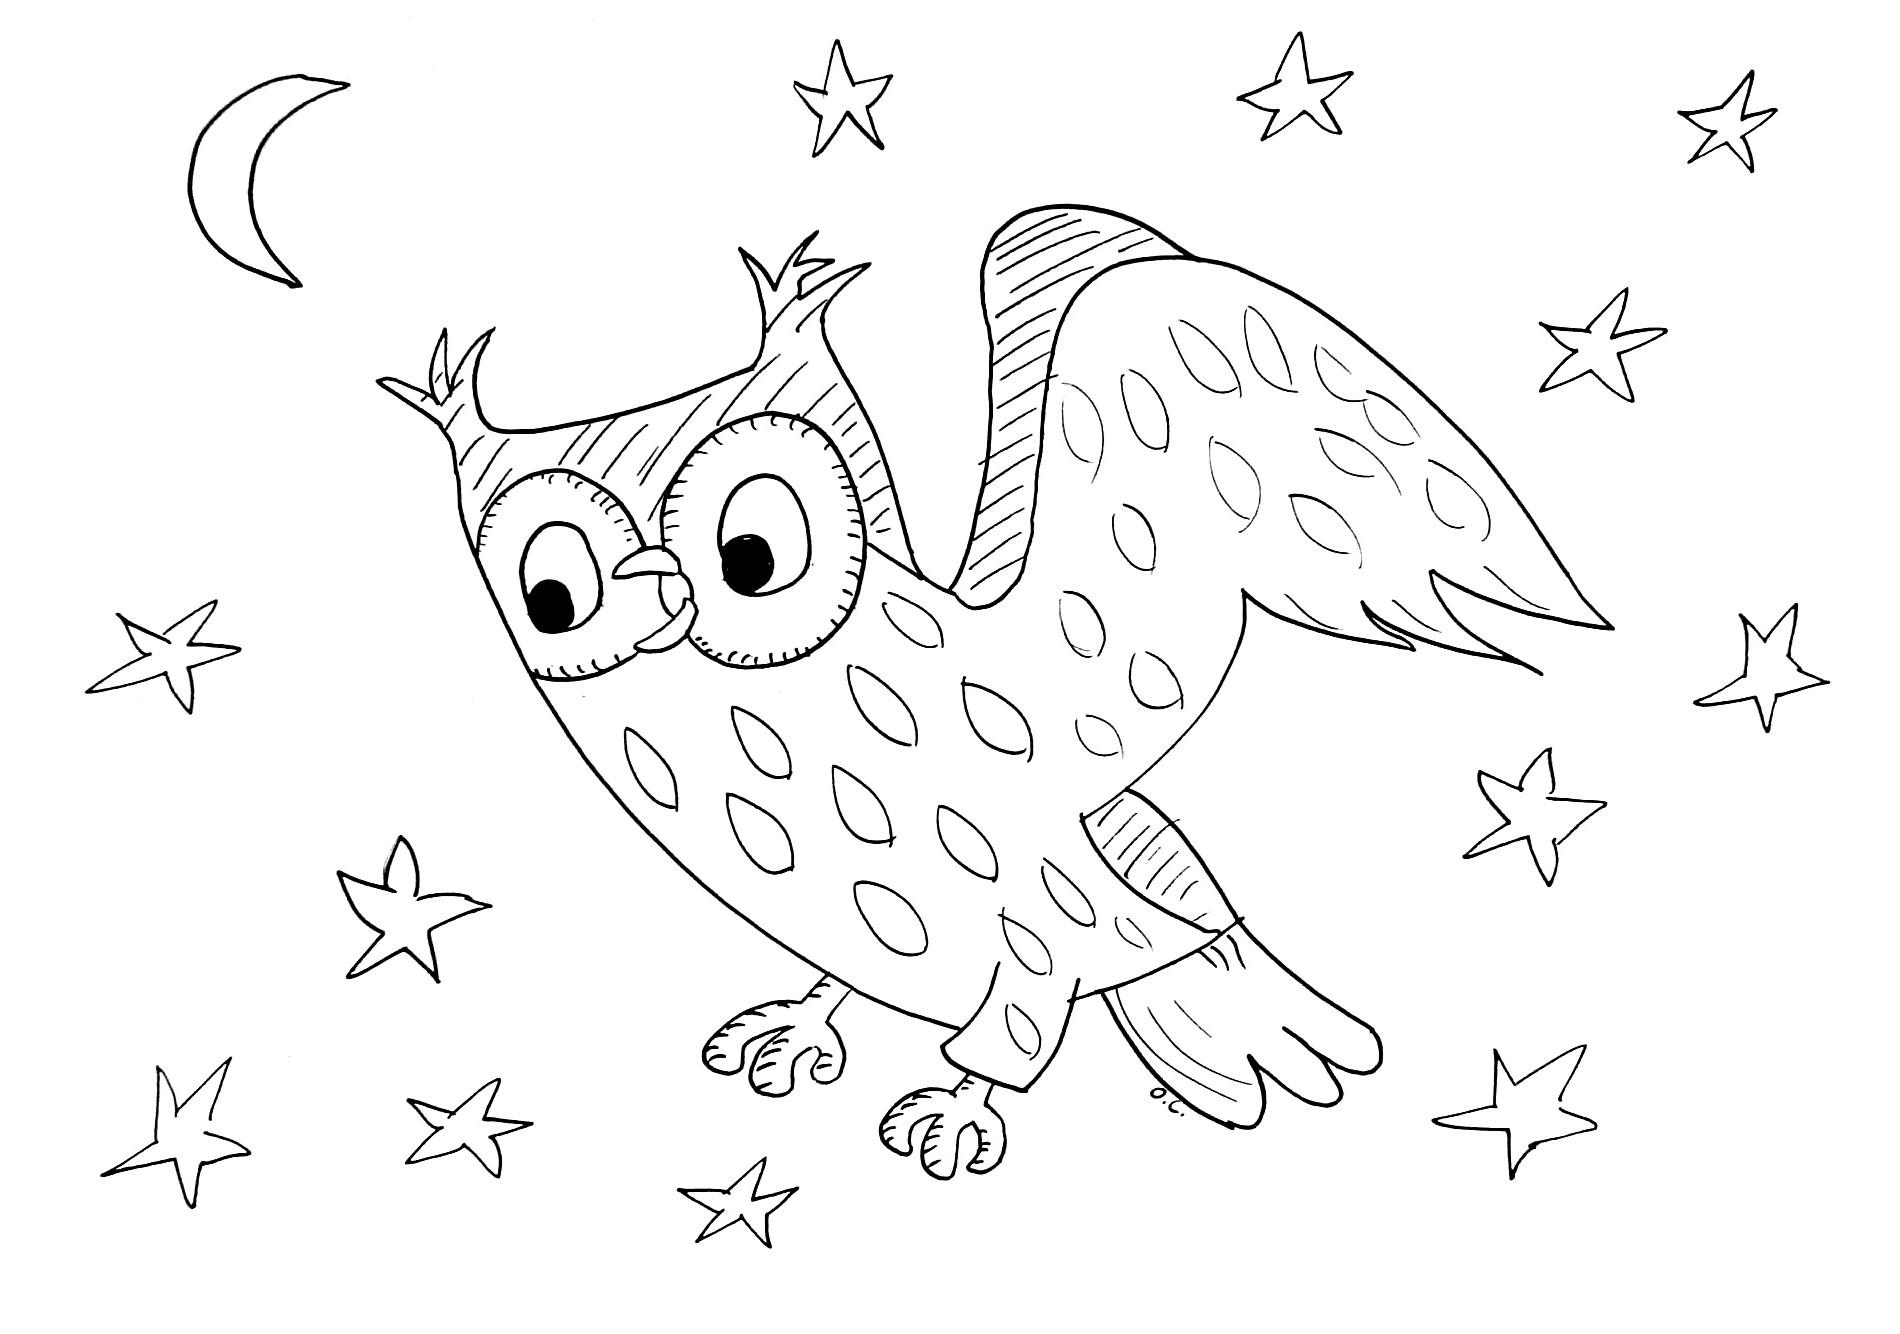 Hibou coloriage d 39 oiseaux coloriages pour enfants - Enfants coloriage ...